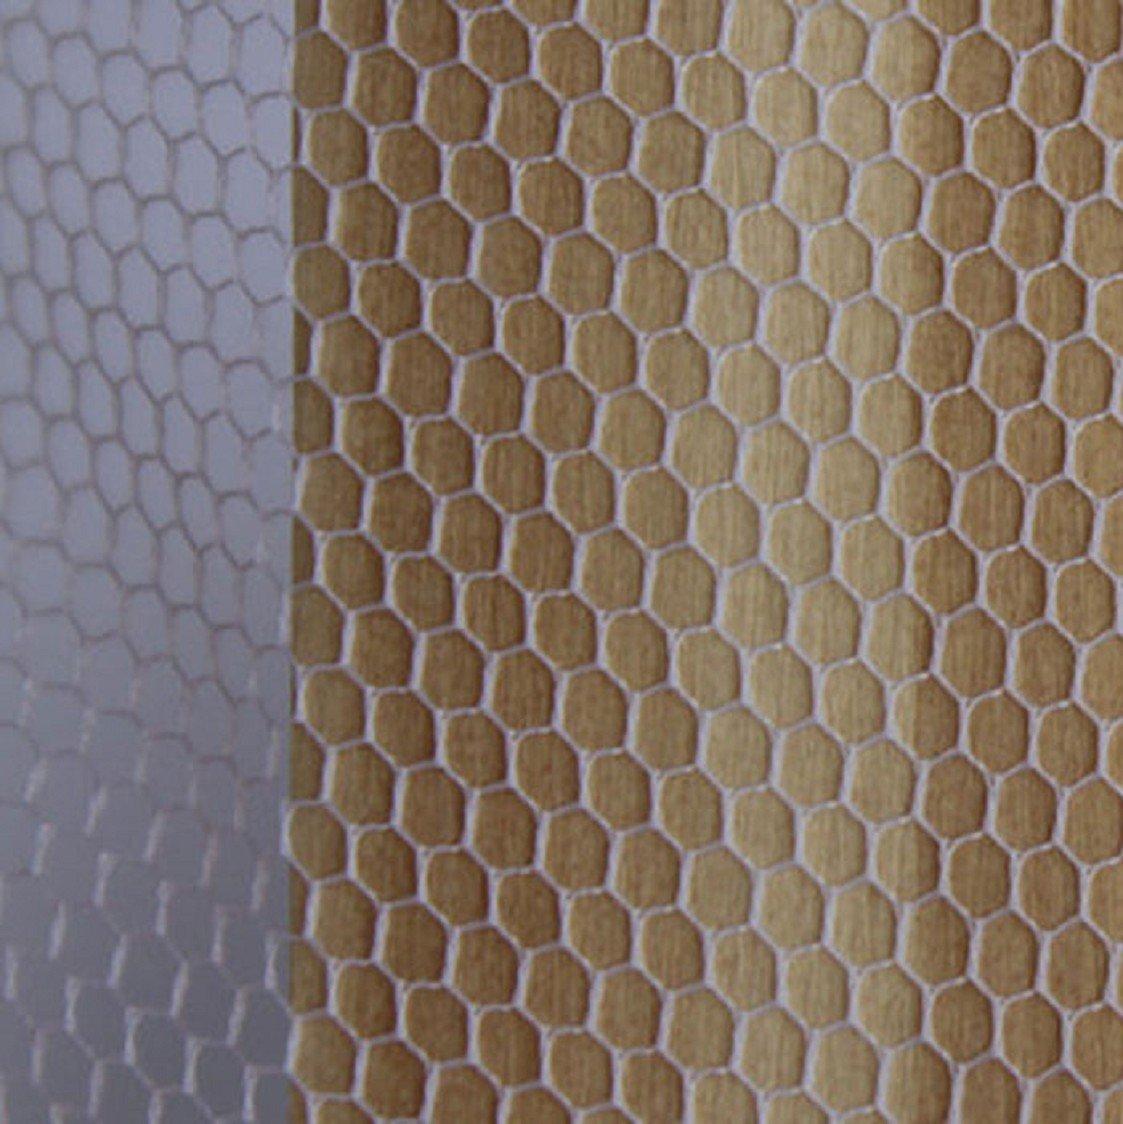 Vovotrade Hot vente Lit b/éb/é Mosquito Mesh Dome Rideau net pour enfant Lit b/éb/é Canopy